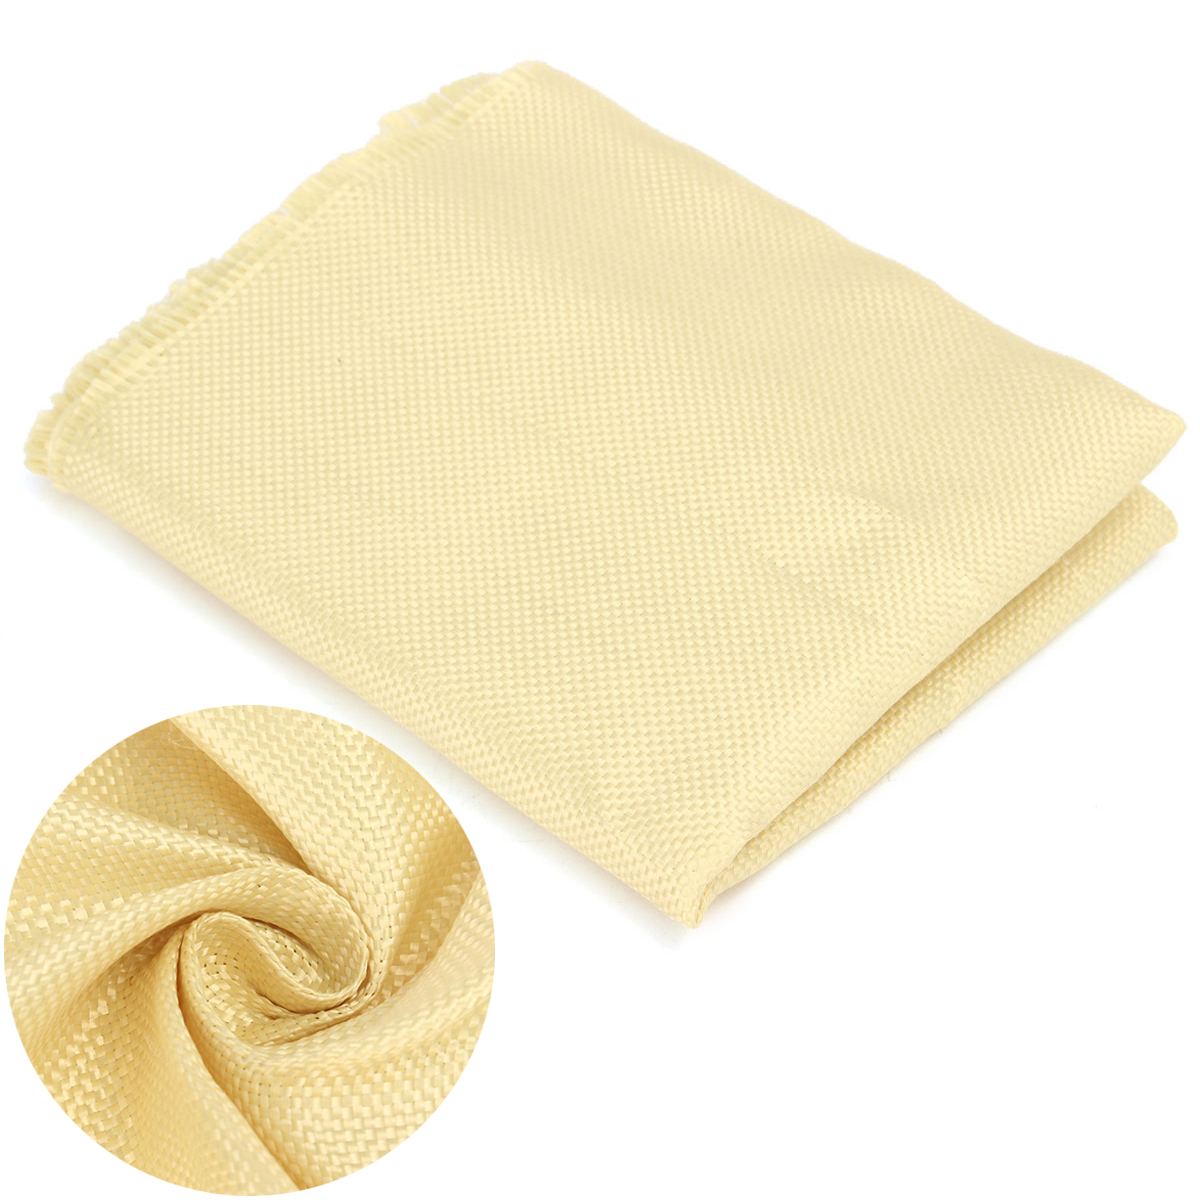 JX-LCLYL 100 см * 30 см 200gsm кевларовые ткани тканые арамидная волокнистая ткань Однотонные желтого цвета